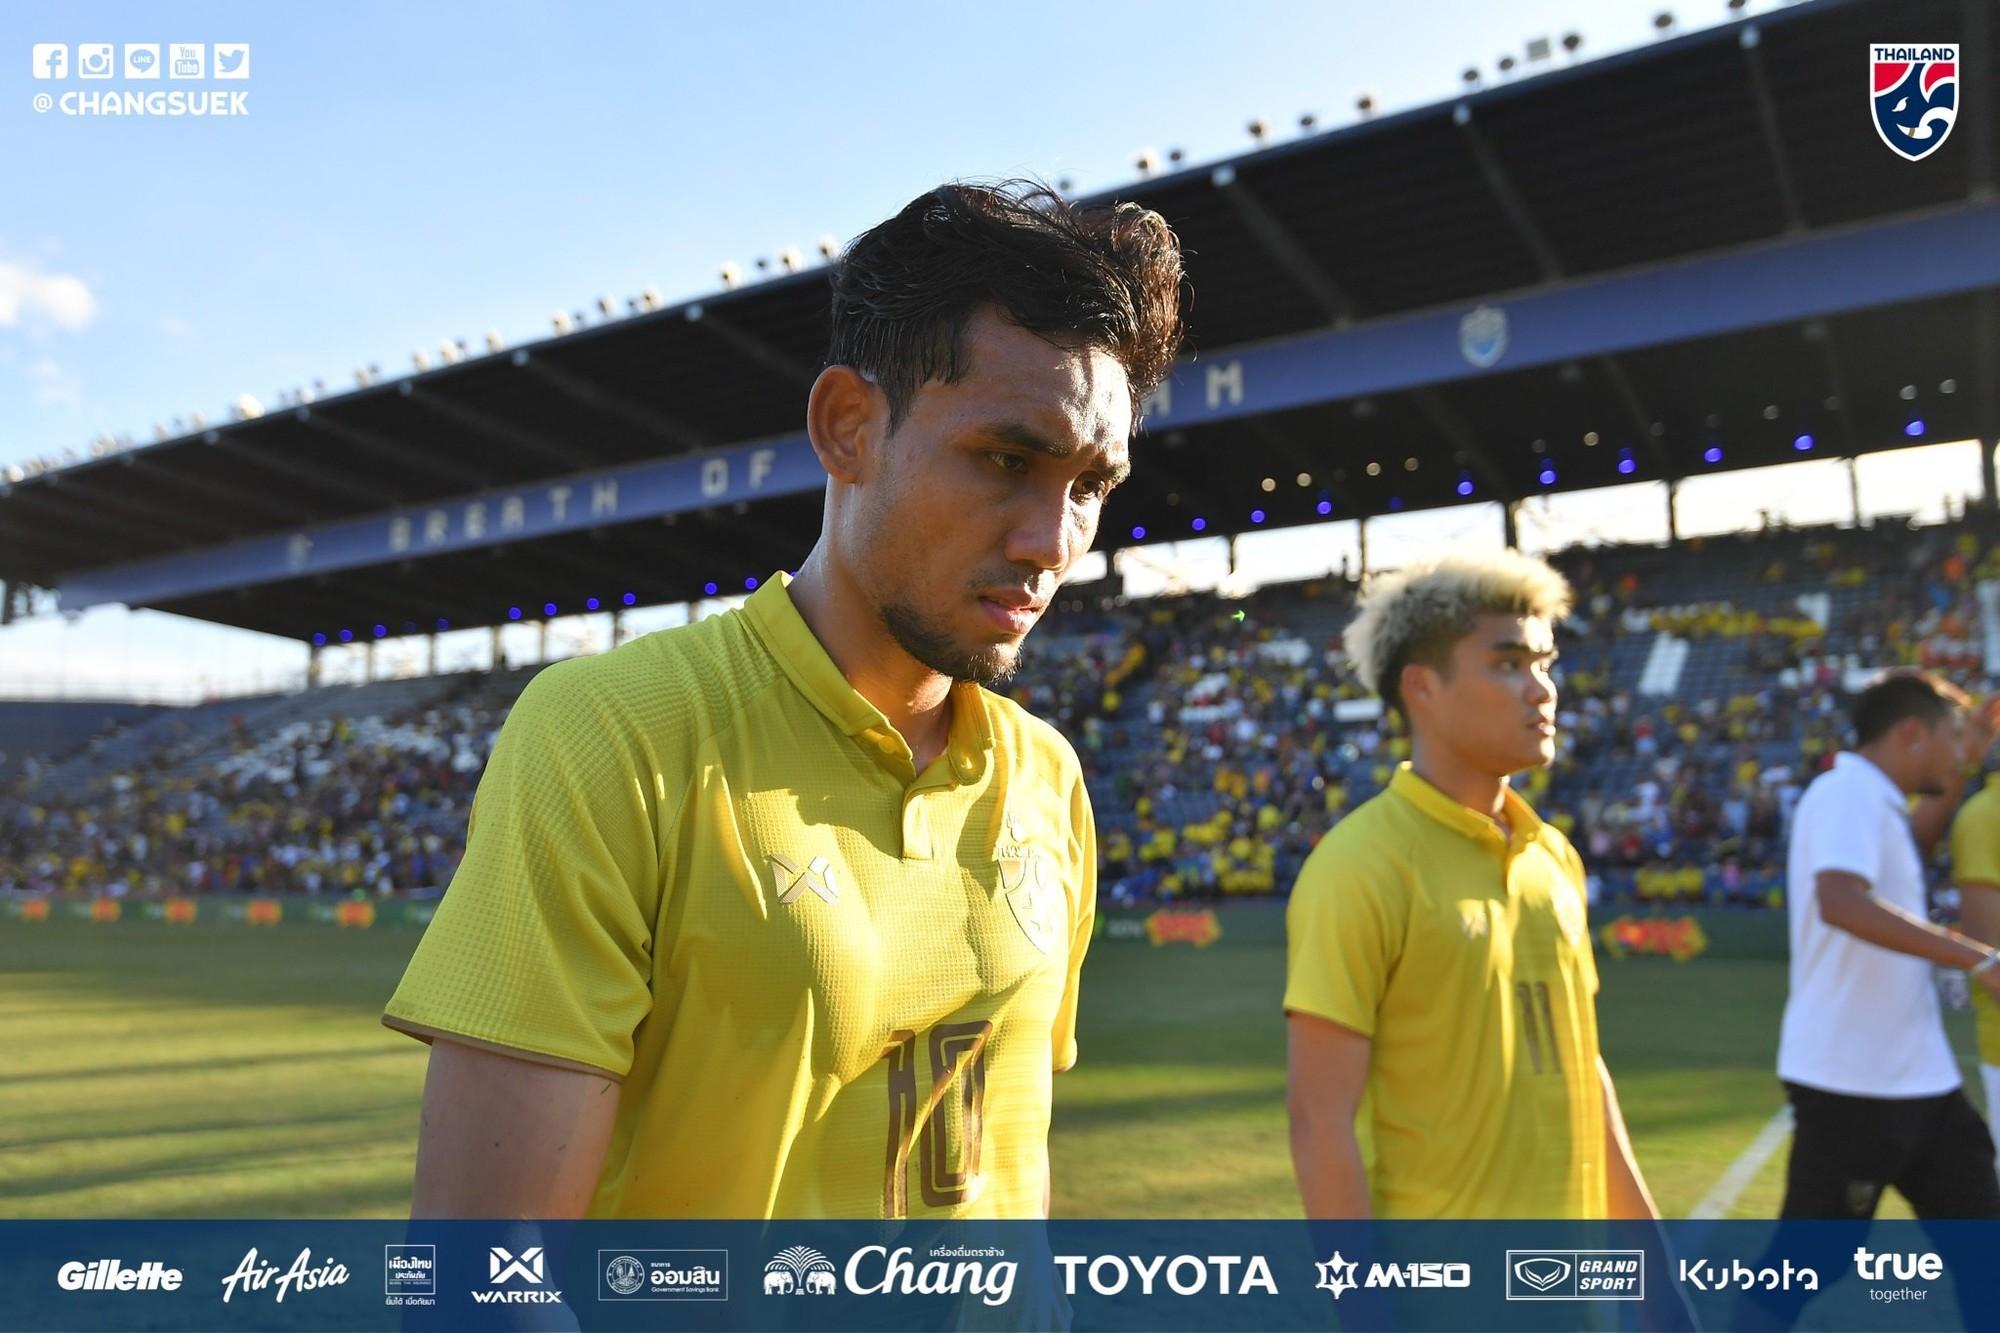 Đội nhà vừa thua mất mặt, báo Thái vẫn tự tin tuyên bố: Gặp Việt Nam tại vòng loại World Cup là dễ chịu nhất - Ảnh 1.